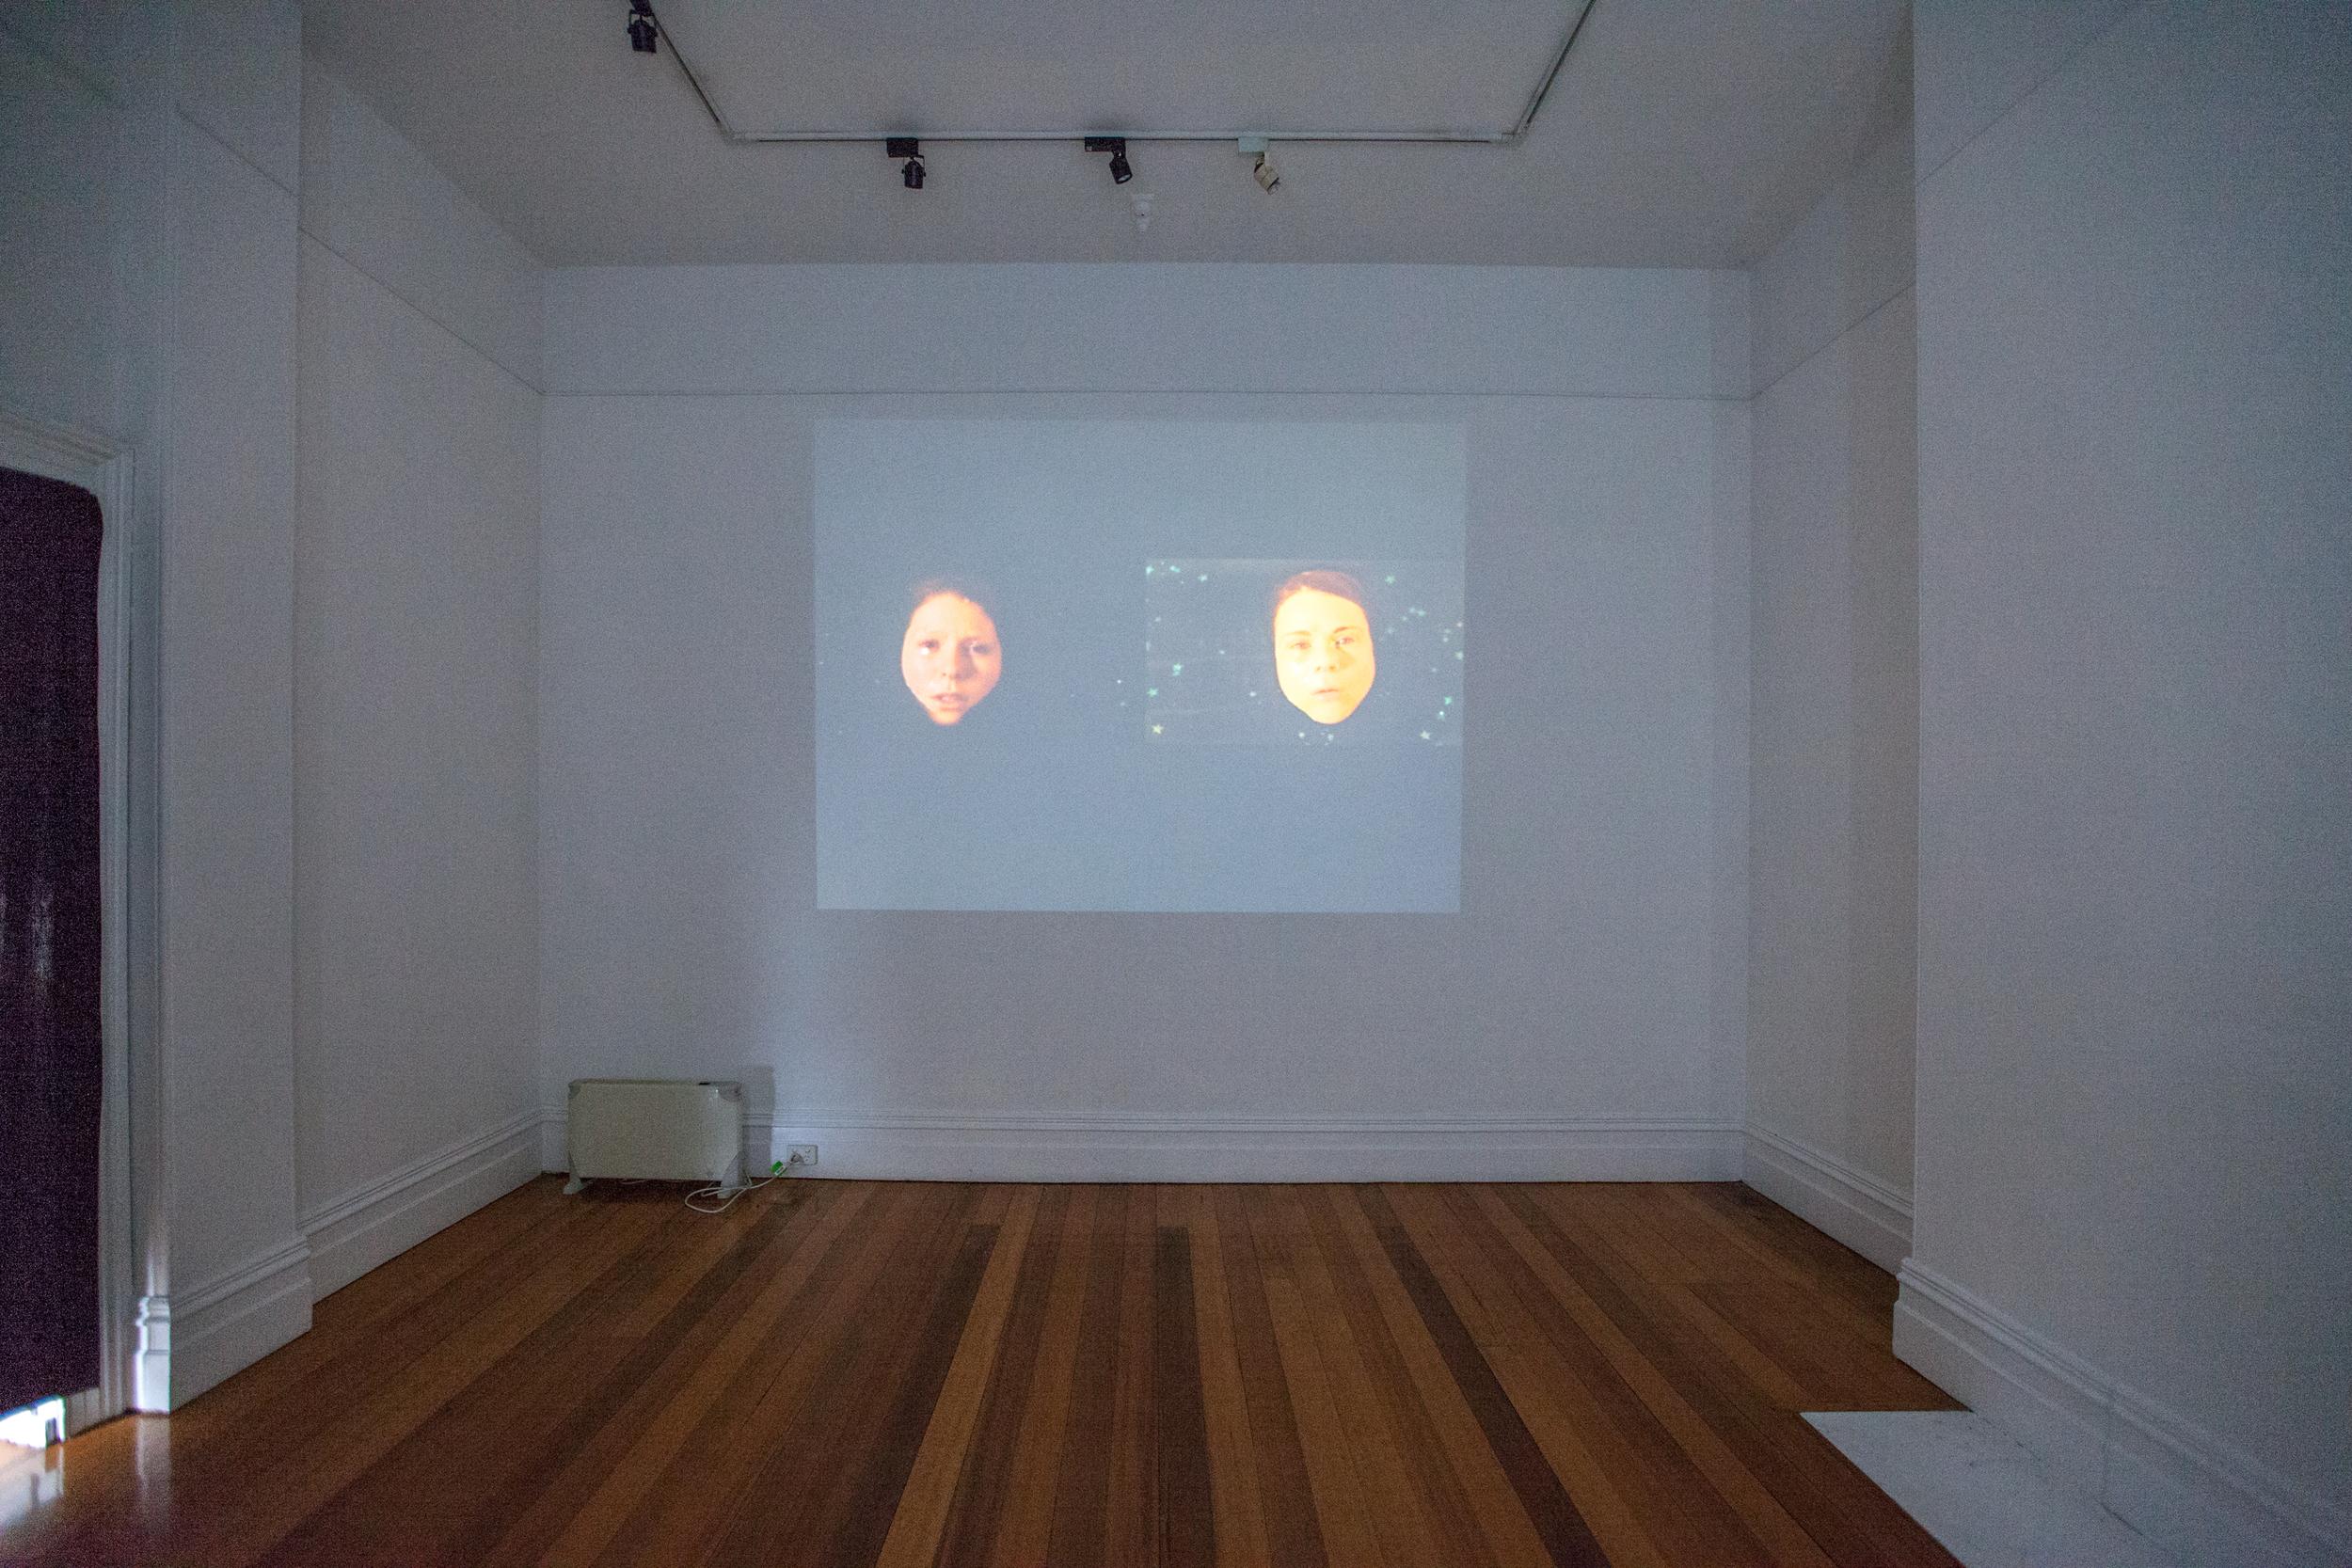 Installation view - Ray Harris & Celeste Aldahn - Parallel Worlds